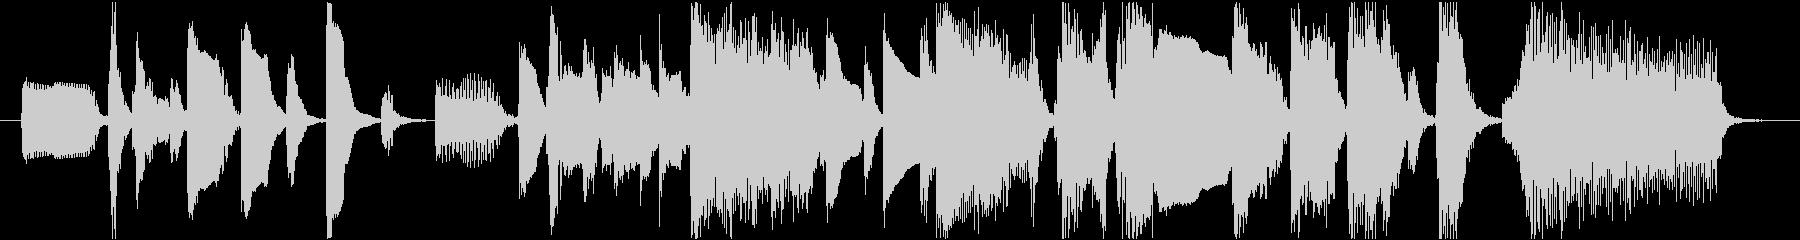 ローズピアノのファンキーなジングル12秒の未再生の波形